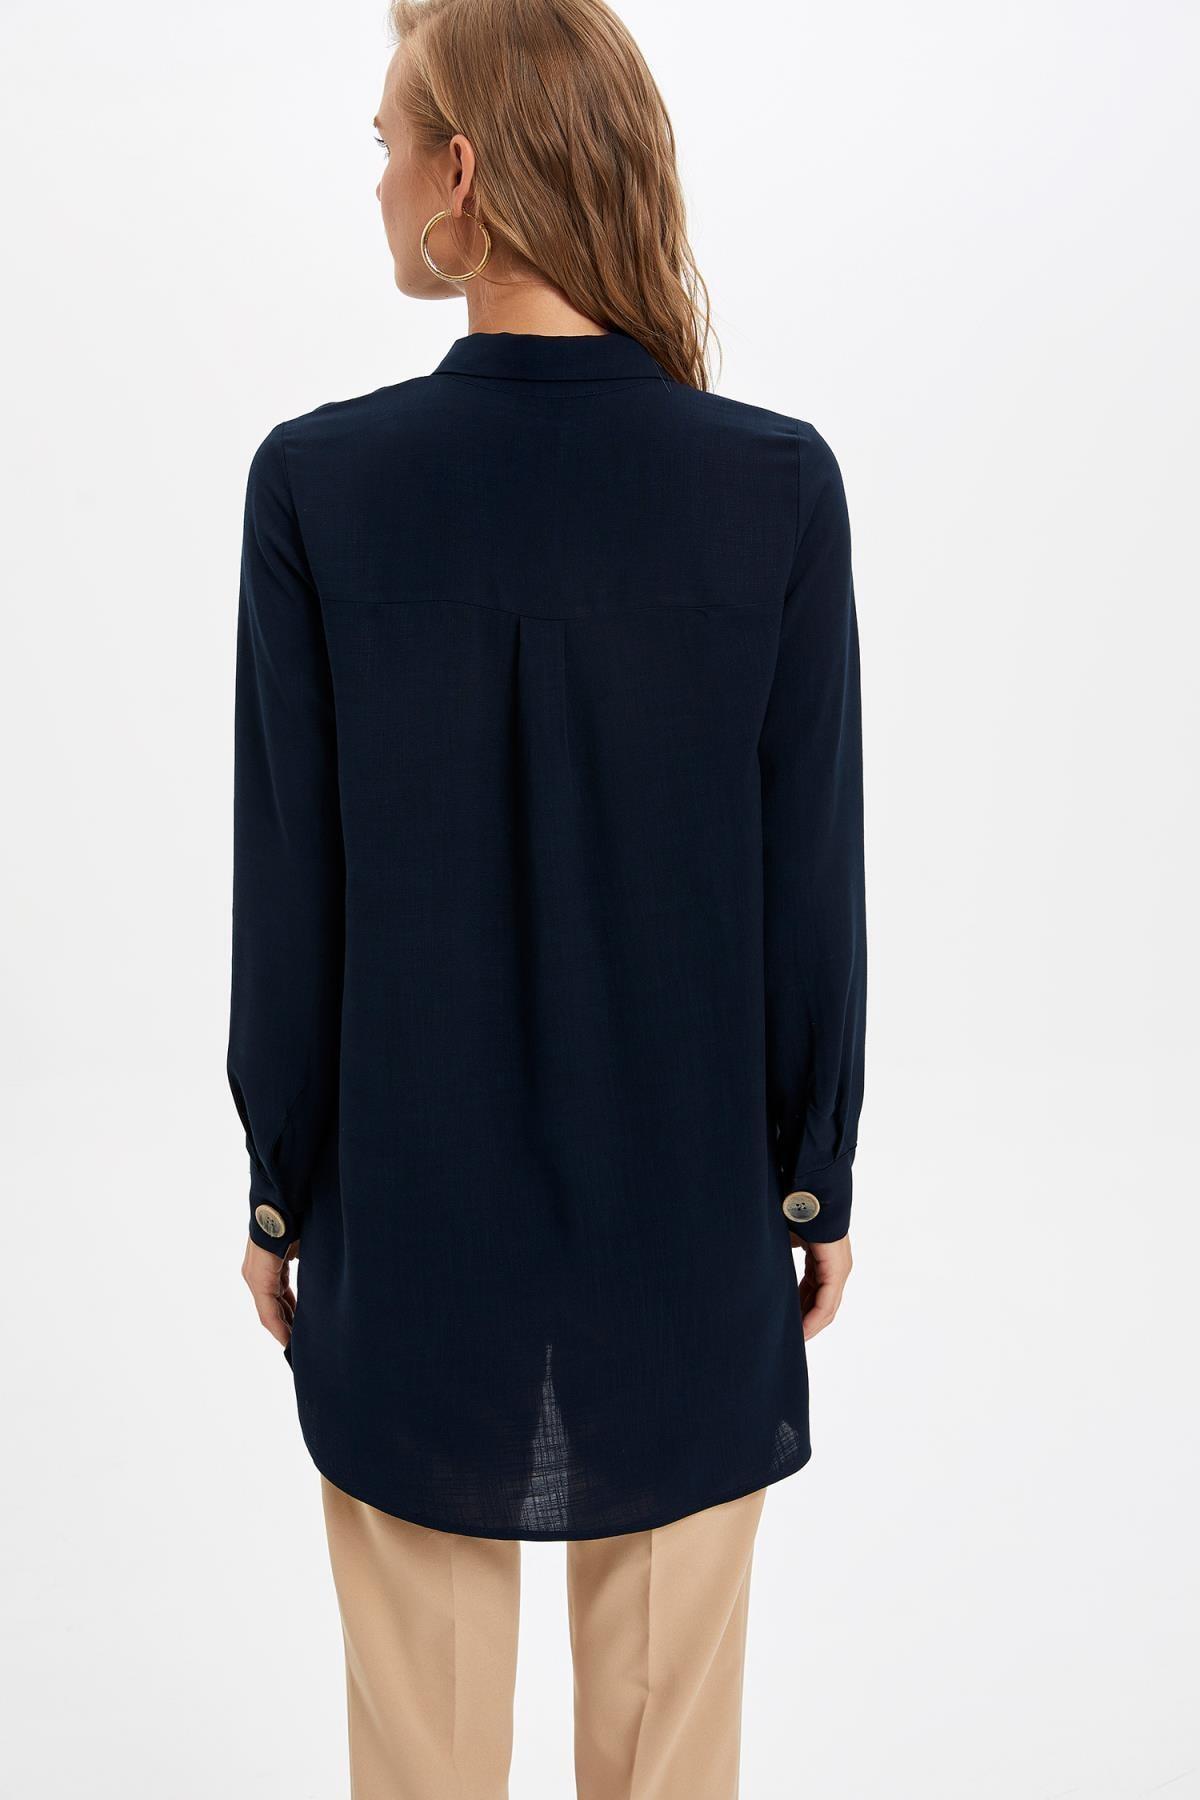 Defacto Kadın Lacivert Gömlek Yaka Düğmeli Tunik L0990AZ.19AU.NV167 4